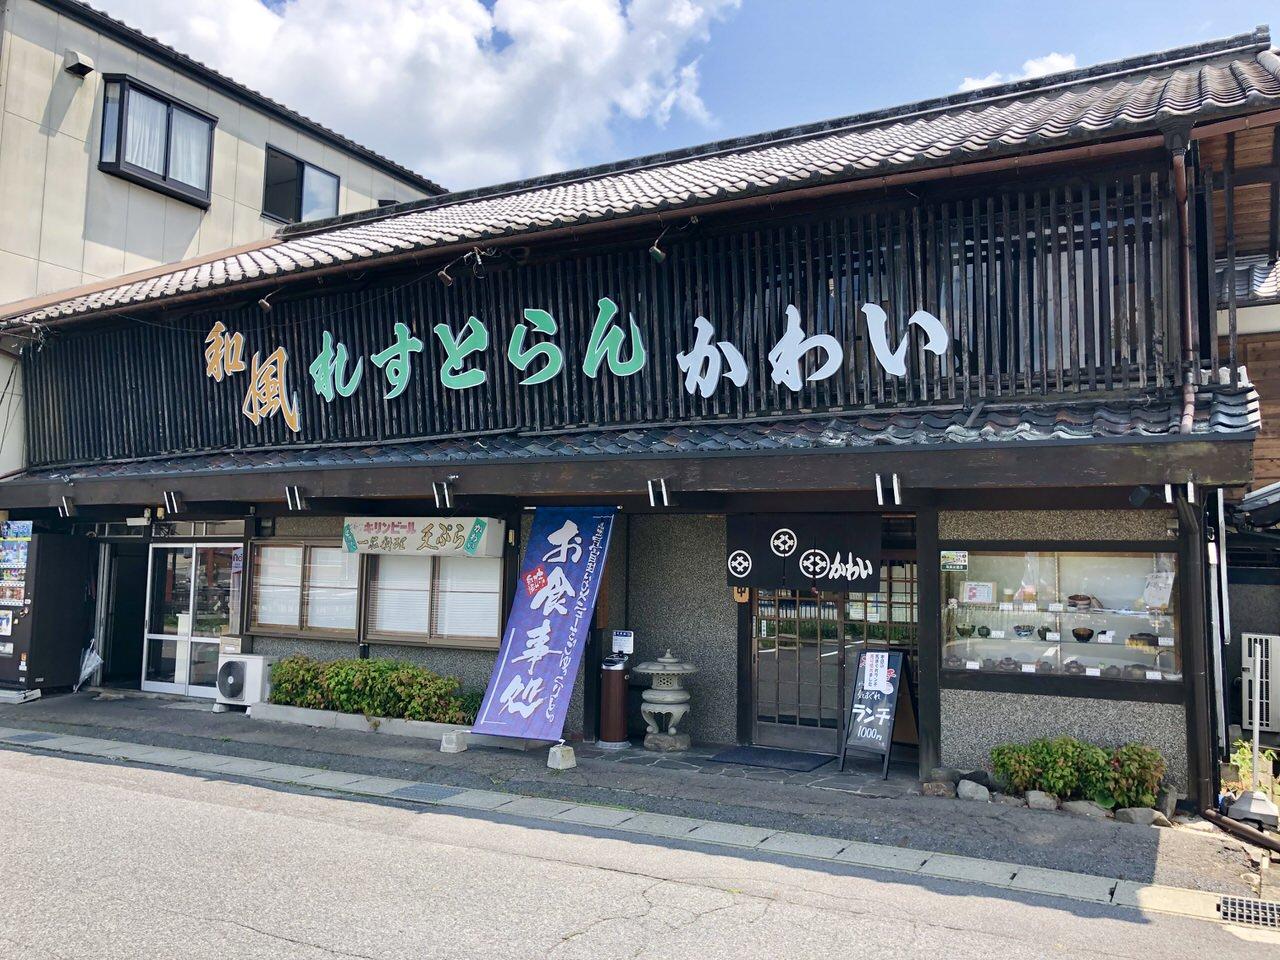 岩村の食事処、和風レストランかわいの外観